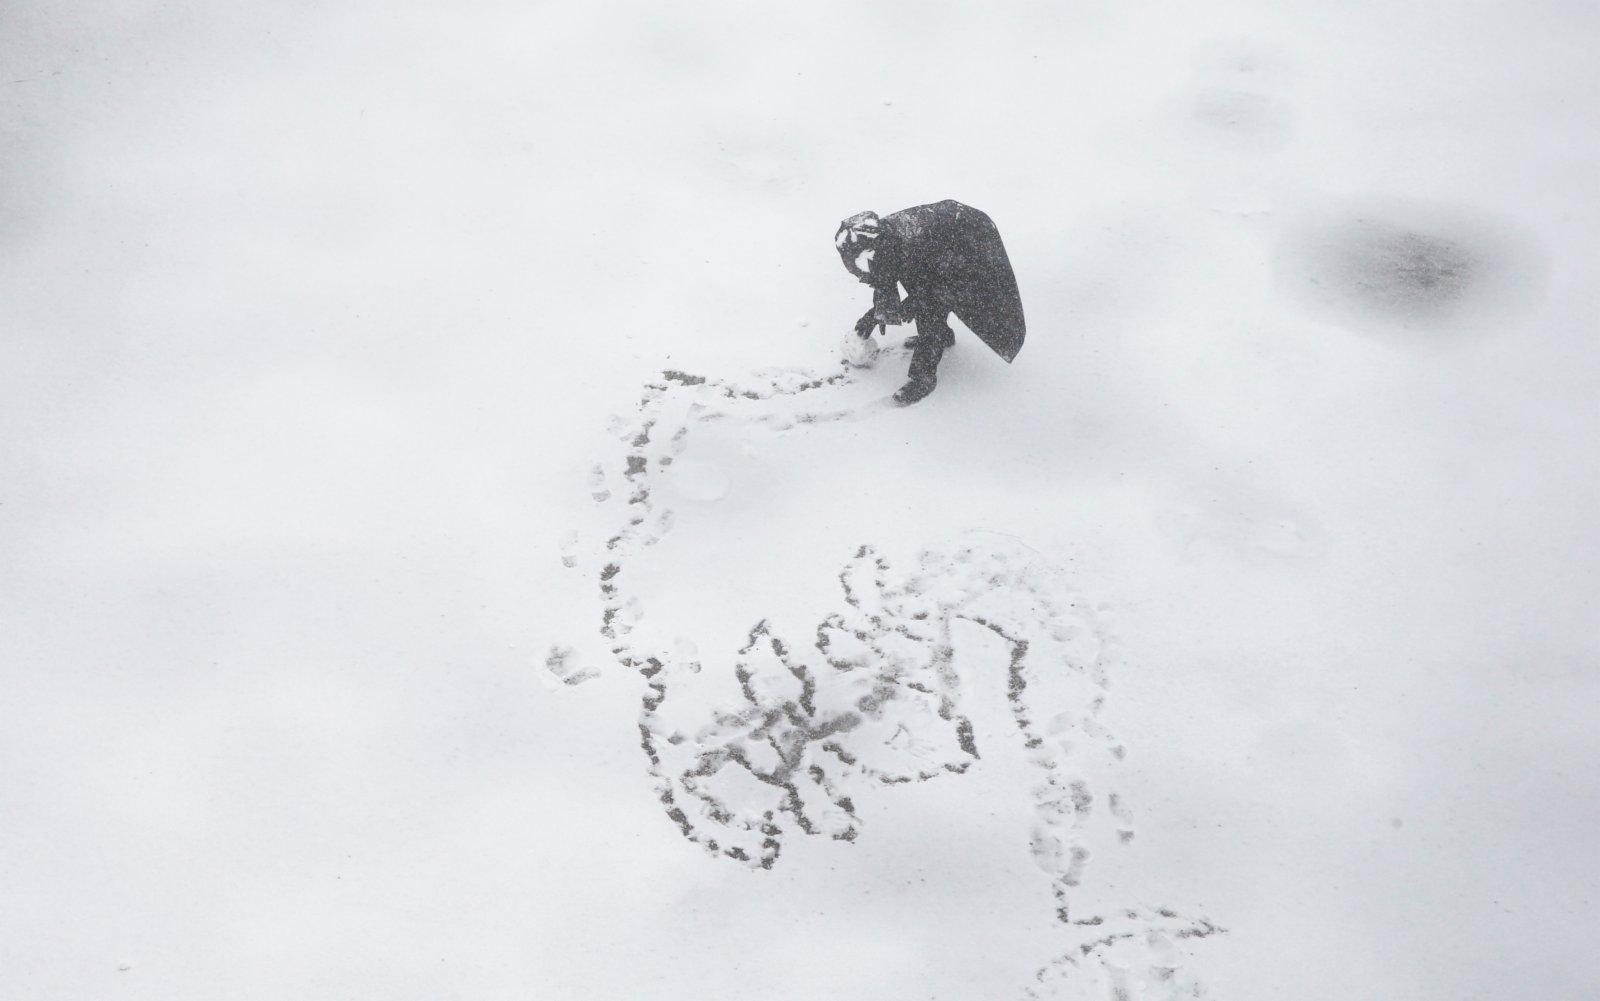 圖為一名男子在室外滾雪球。(路透社)